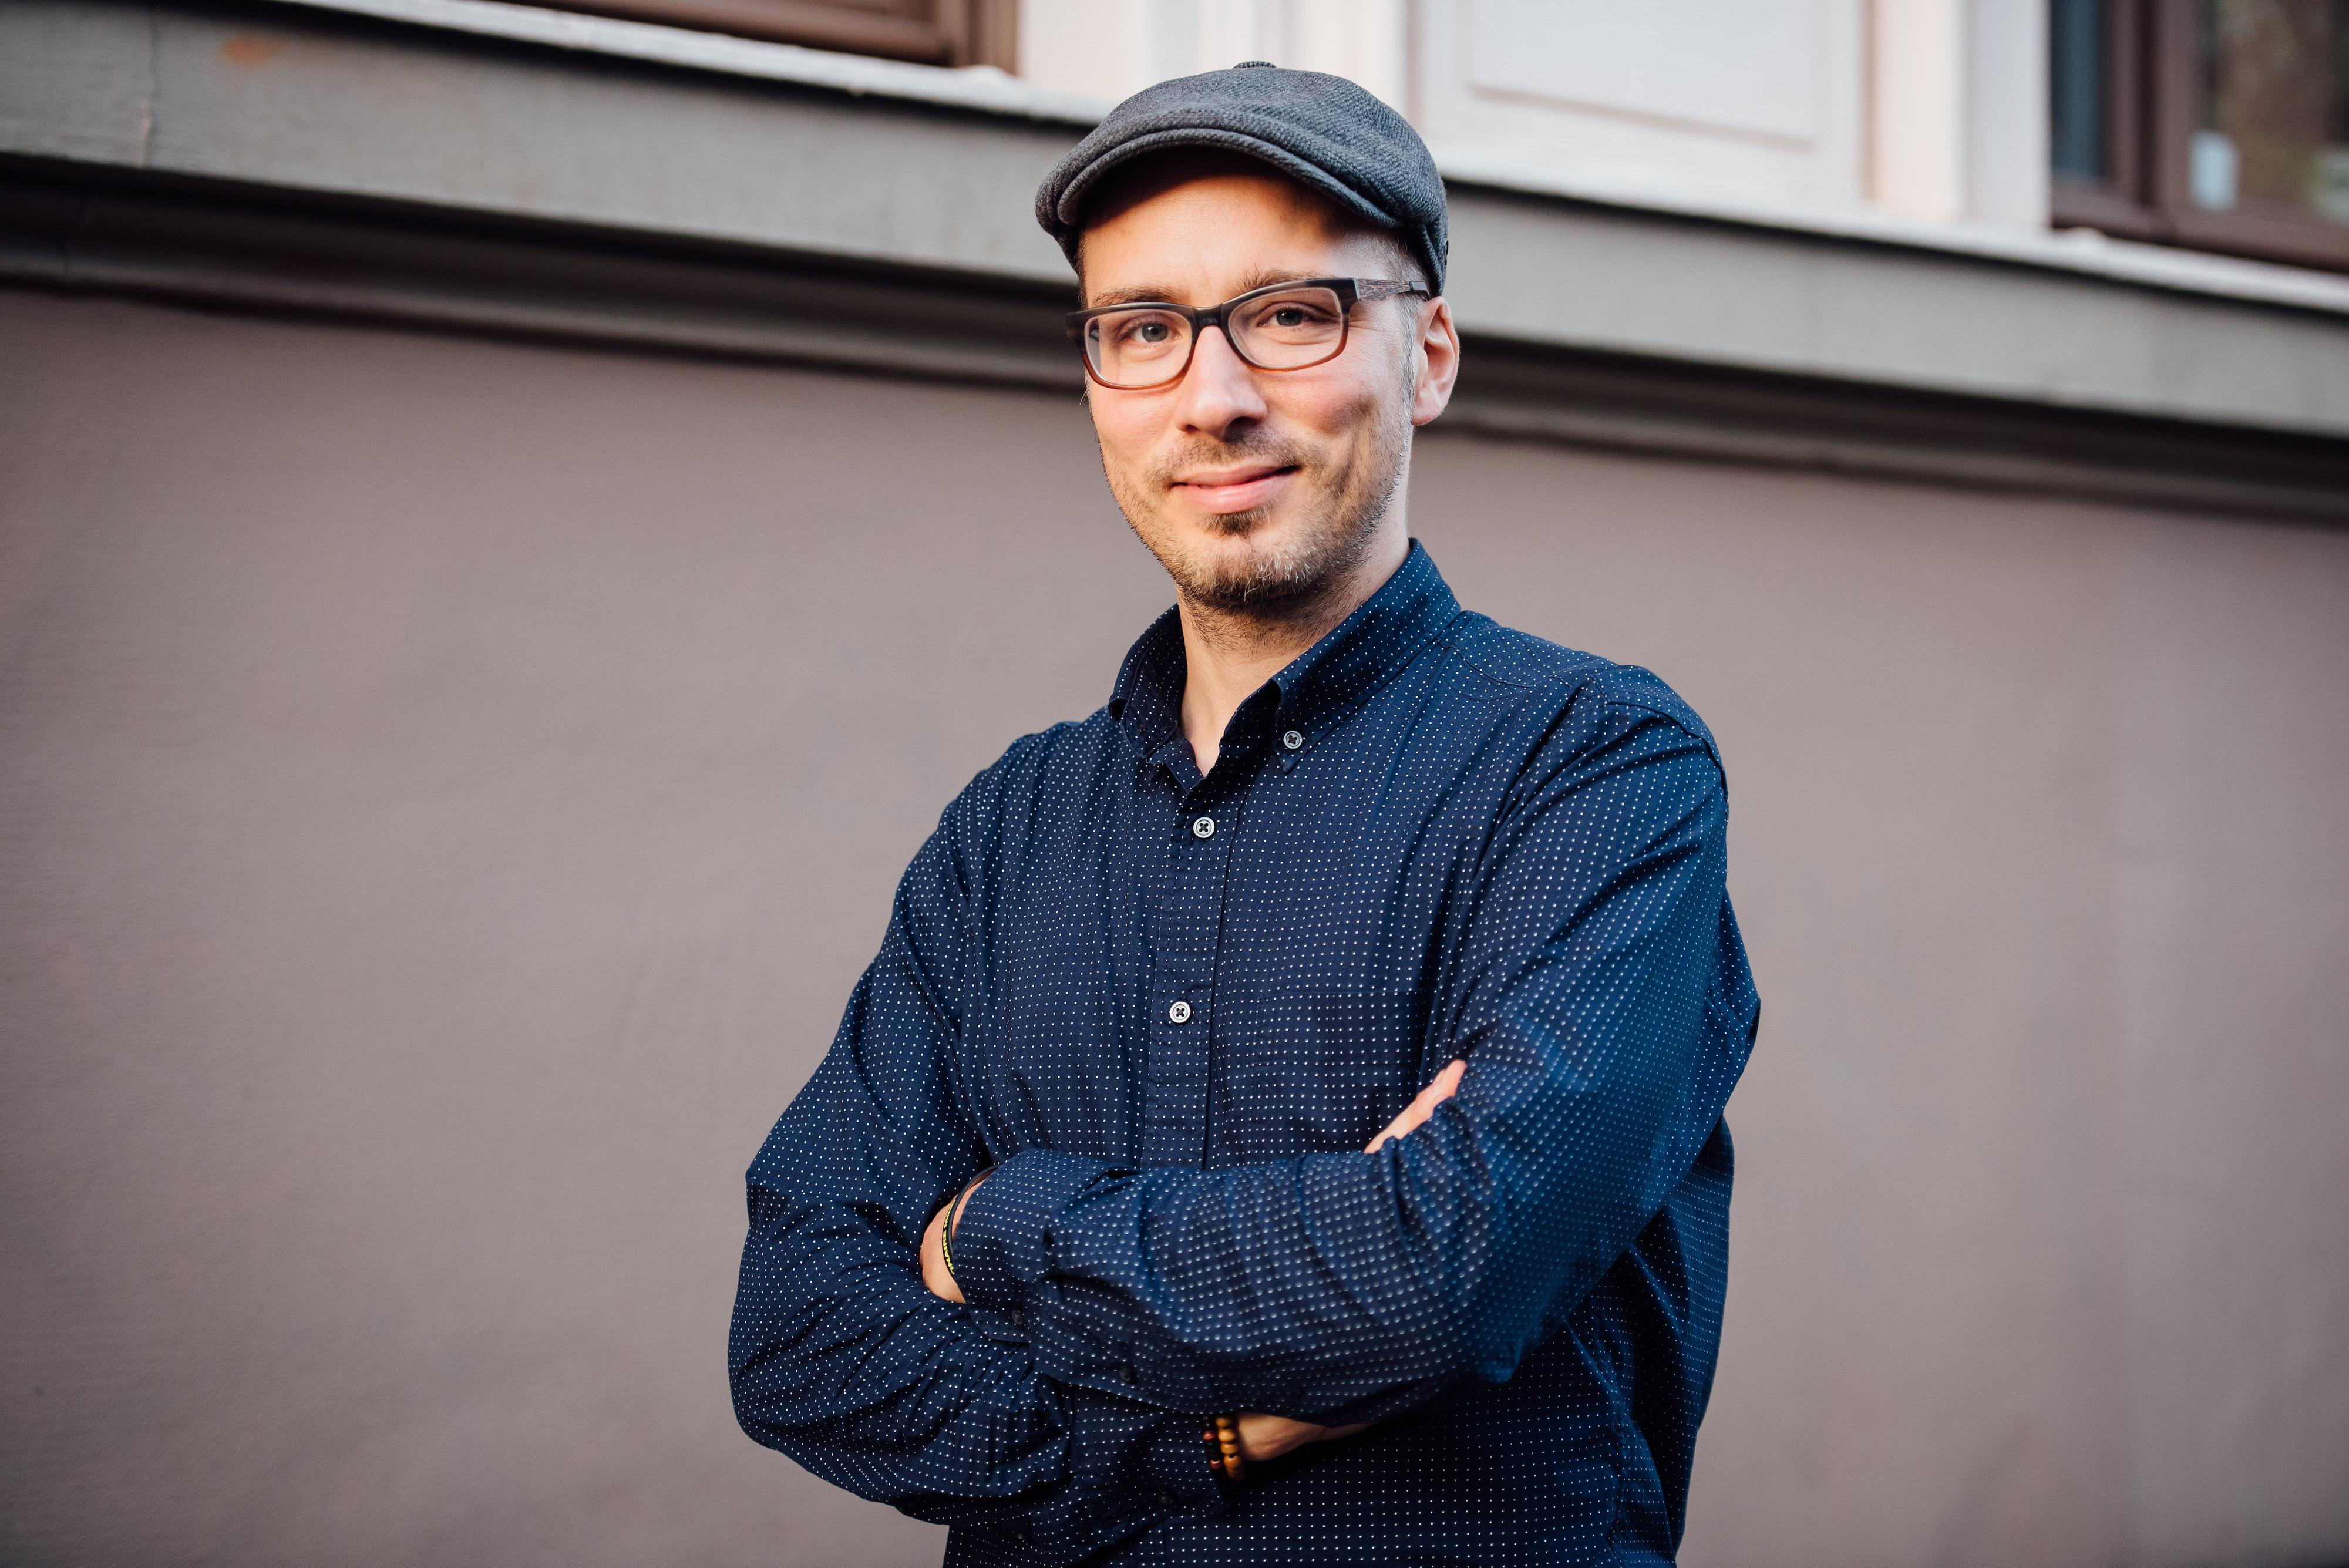 Portrait von Fotograf Marius Bauer aus Berlin